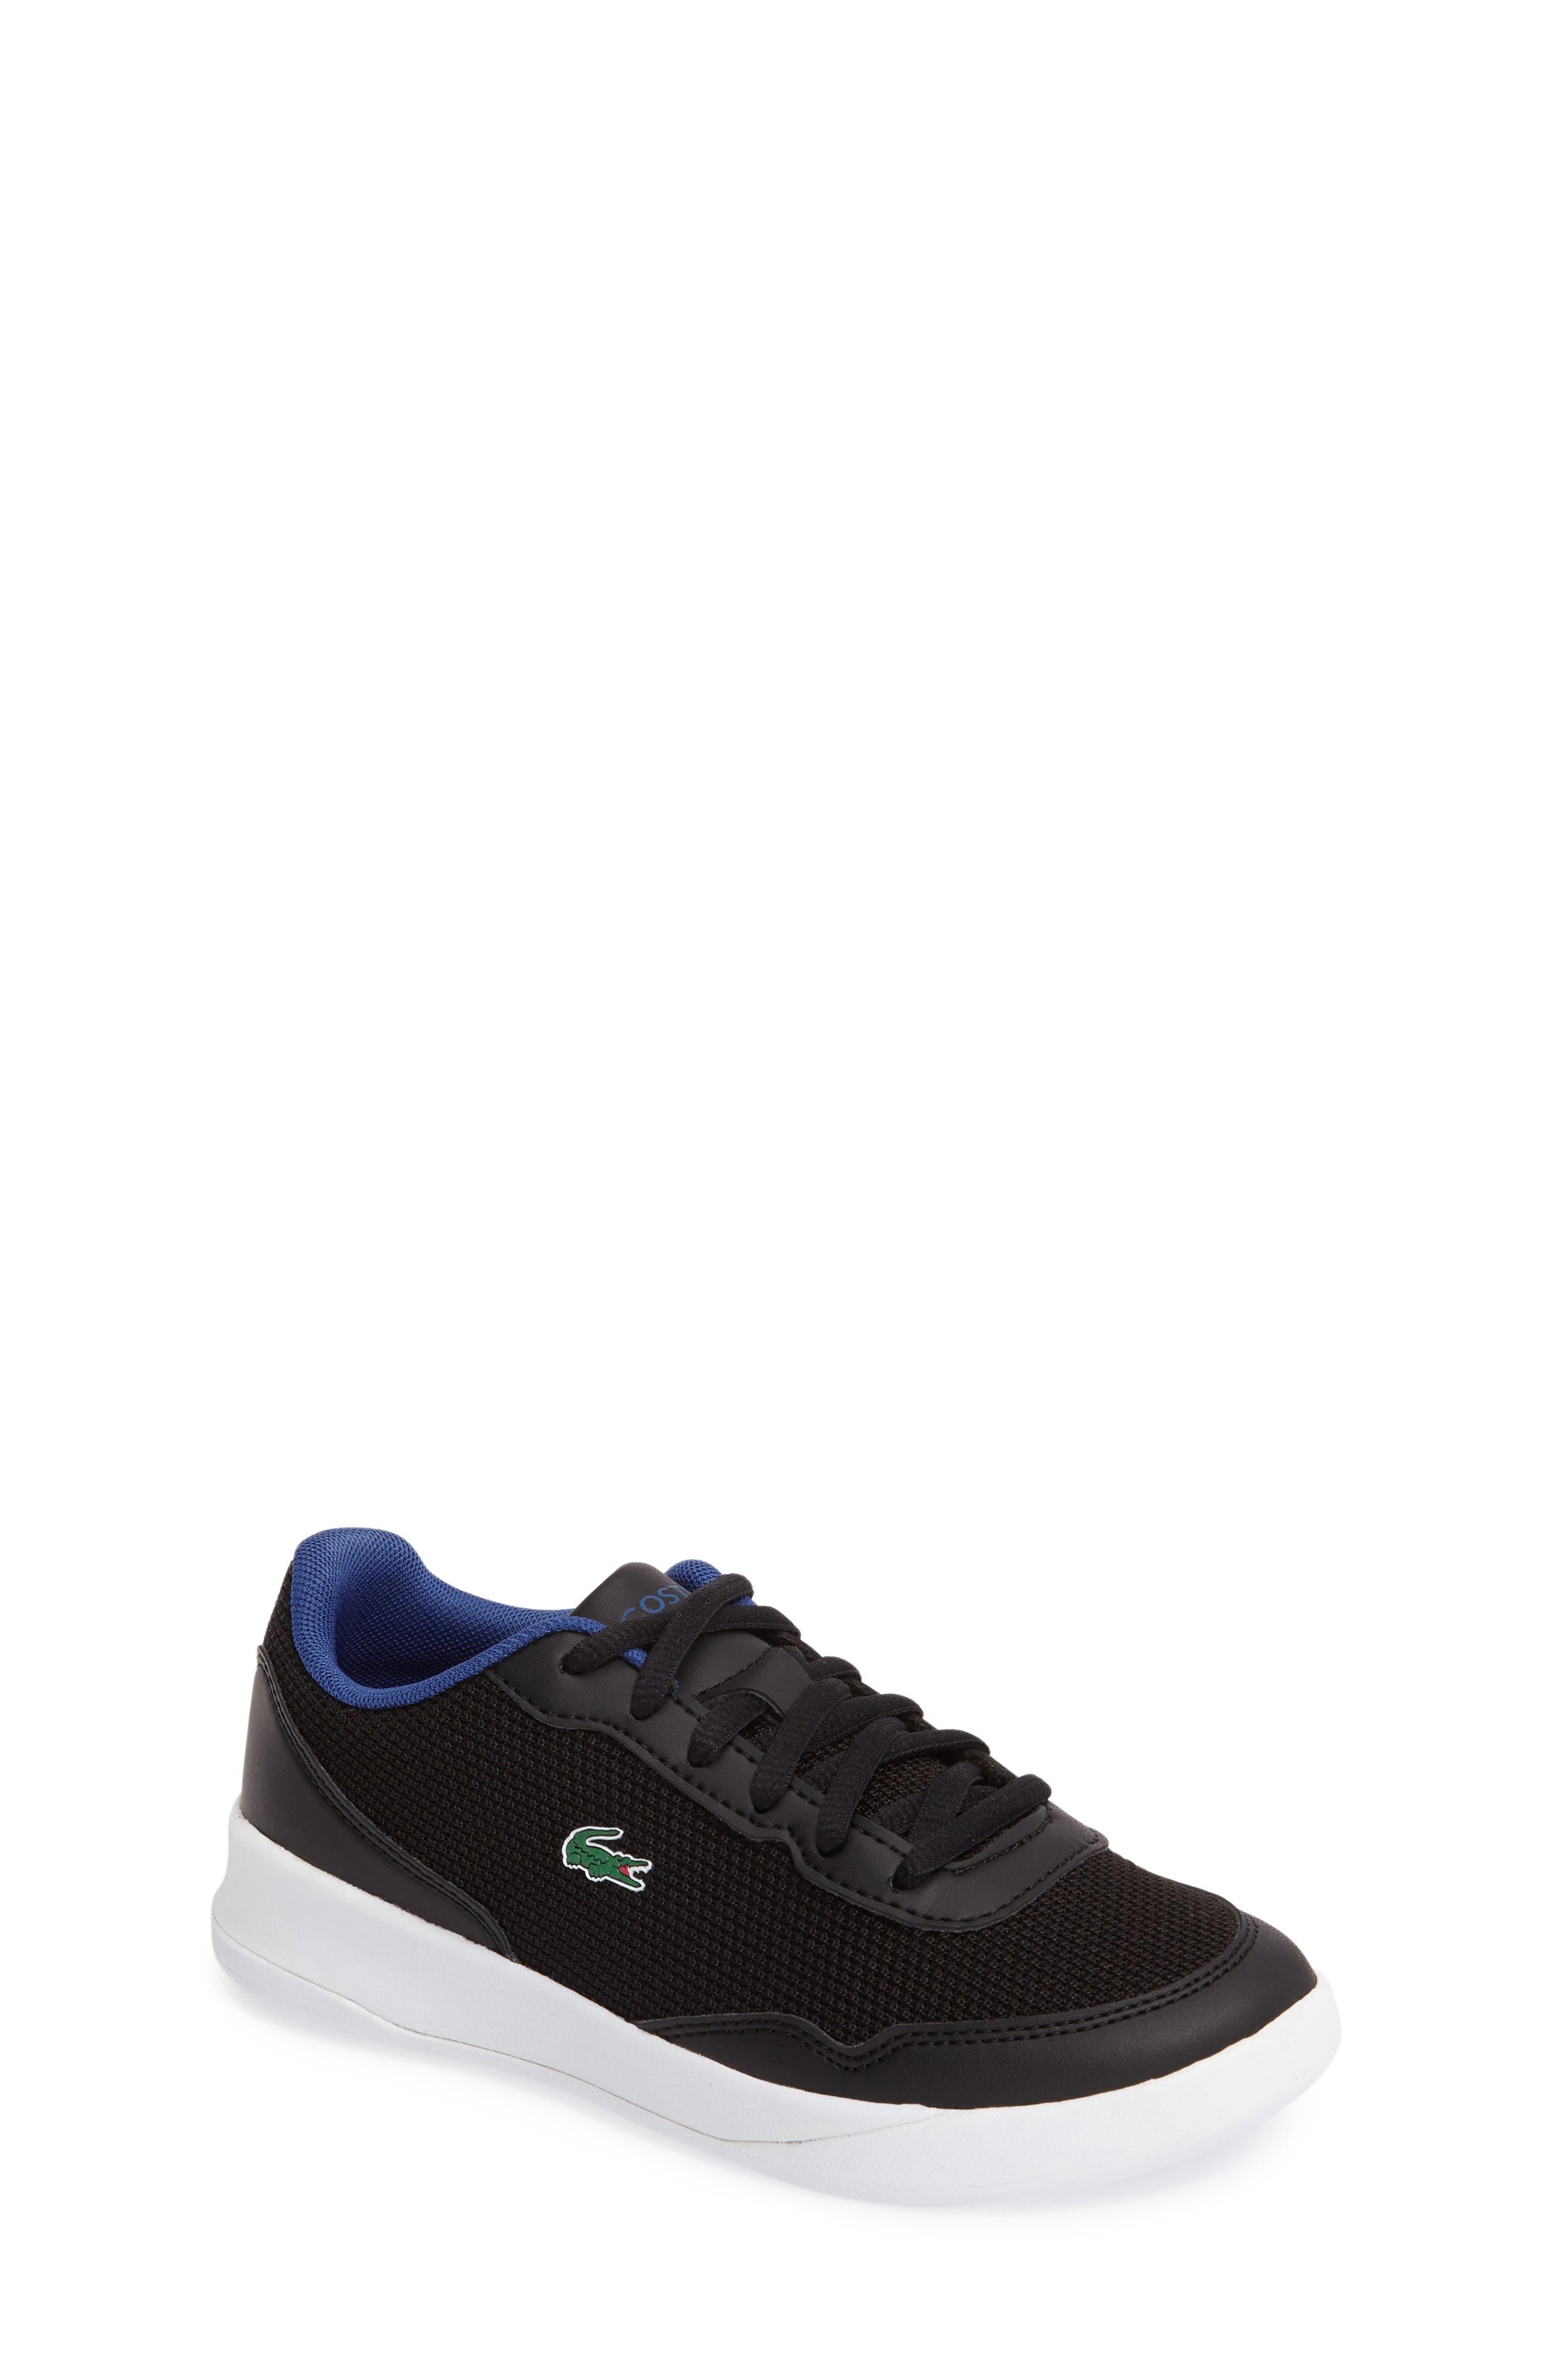 Lacoste LT Spirit Woven Sneaker (Toddler & Little Kid)